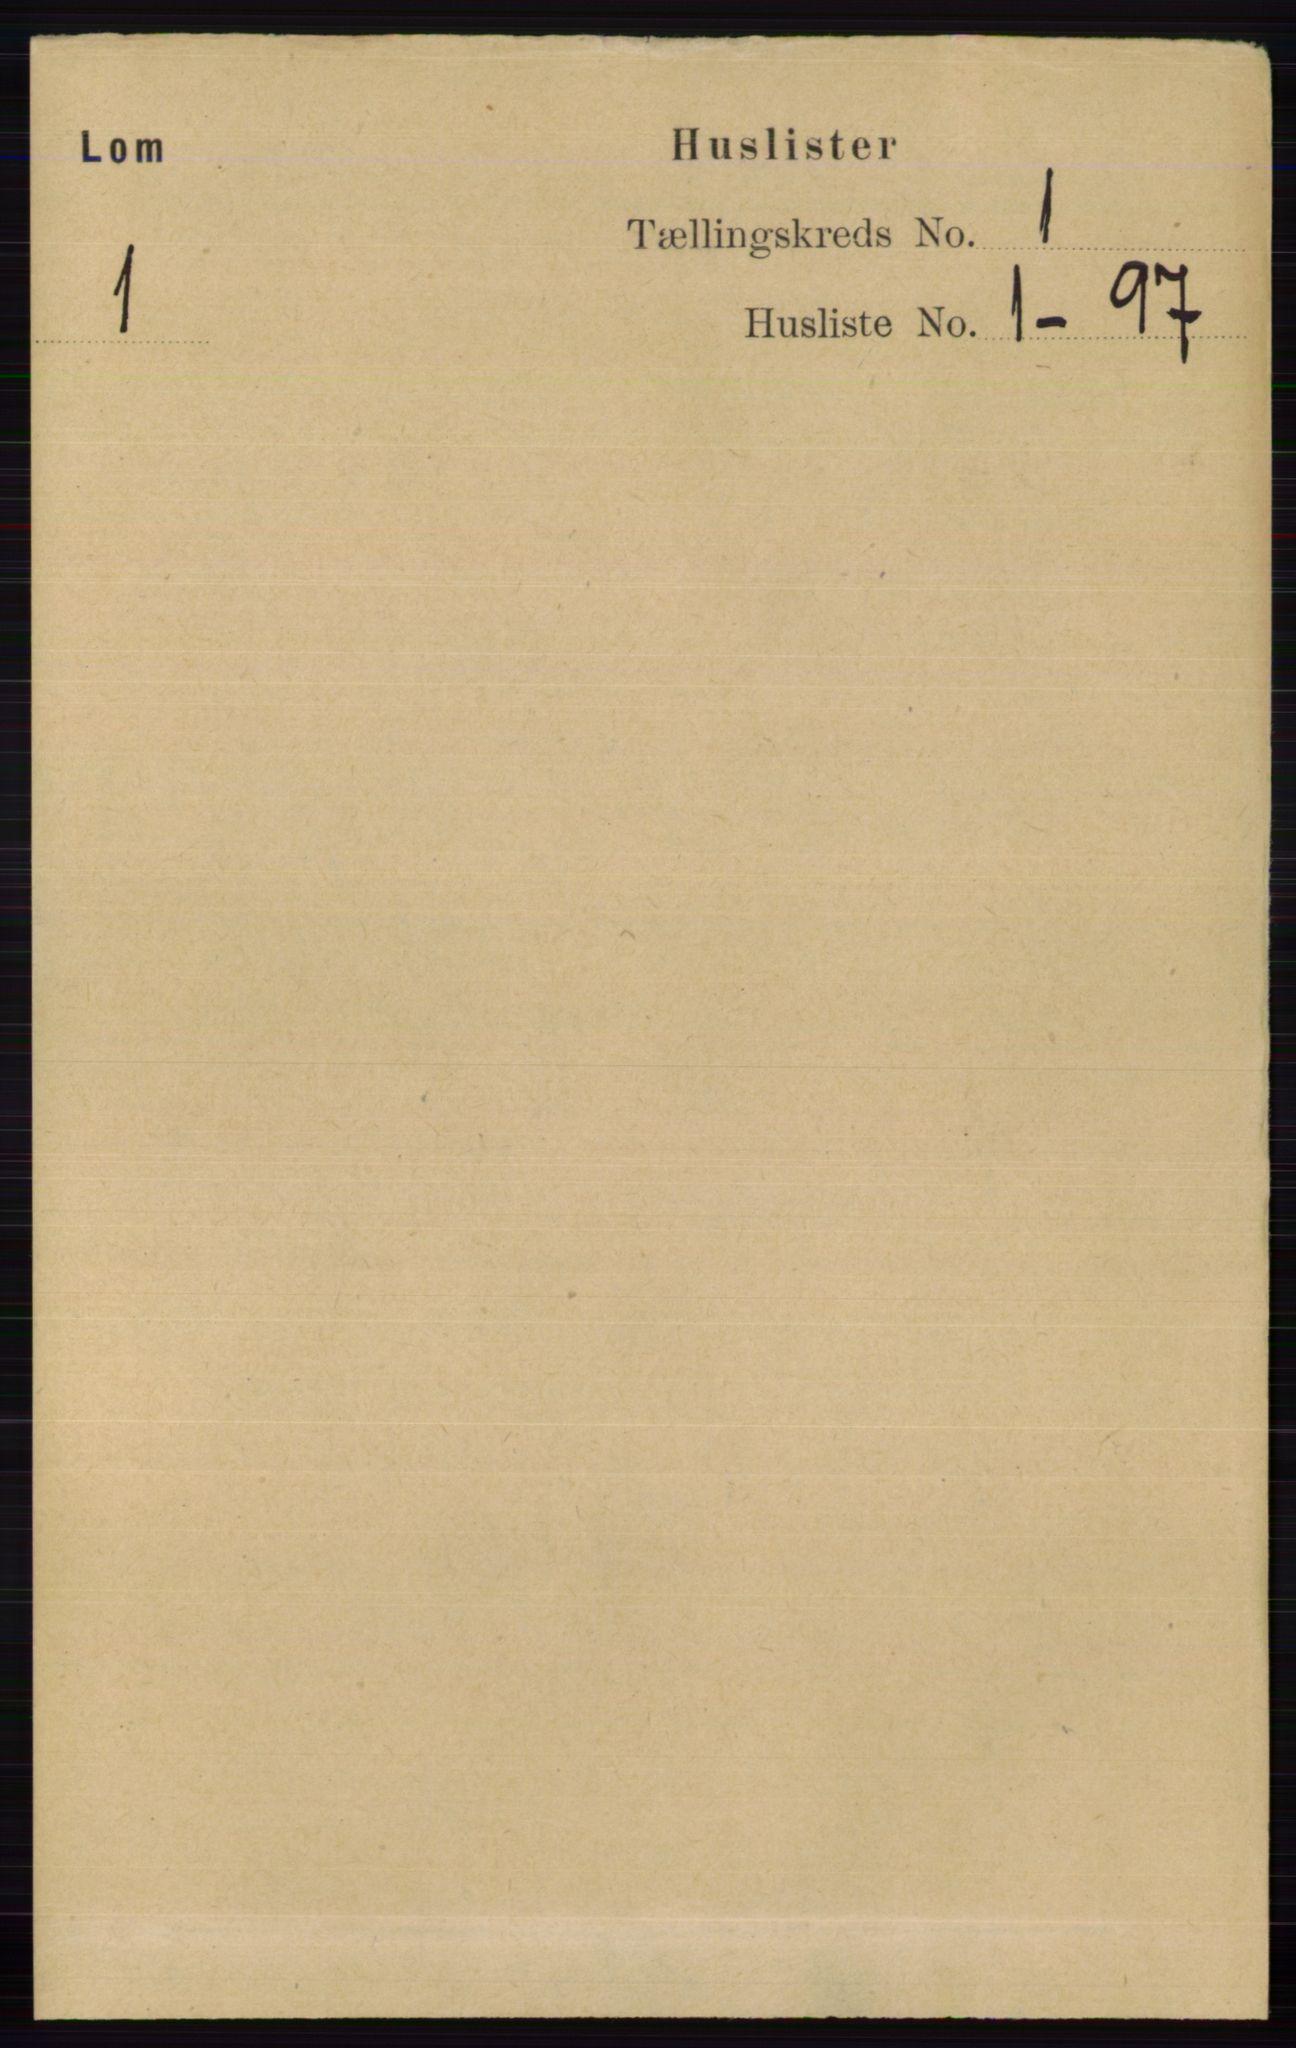 RA, Folketelling 1891 for 0514 Lom herred, 1891, s. 21